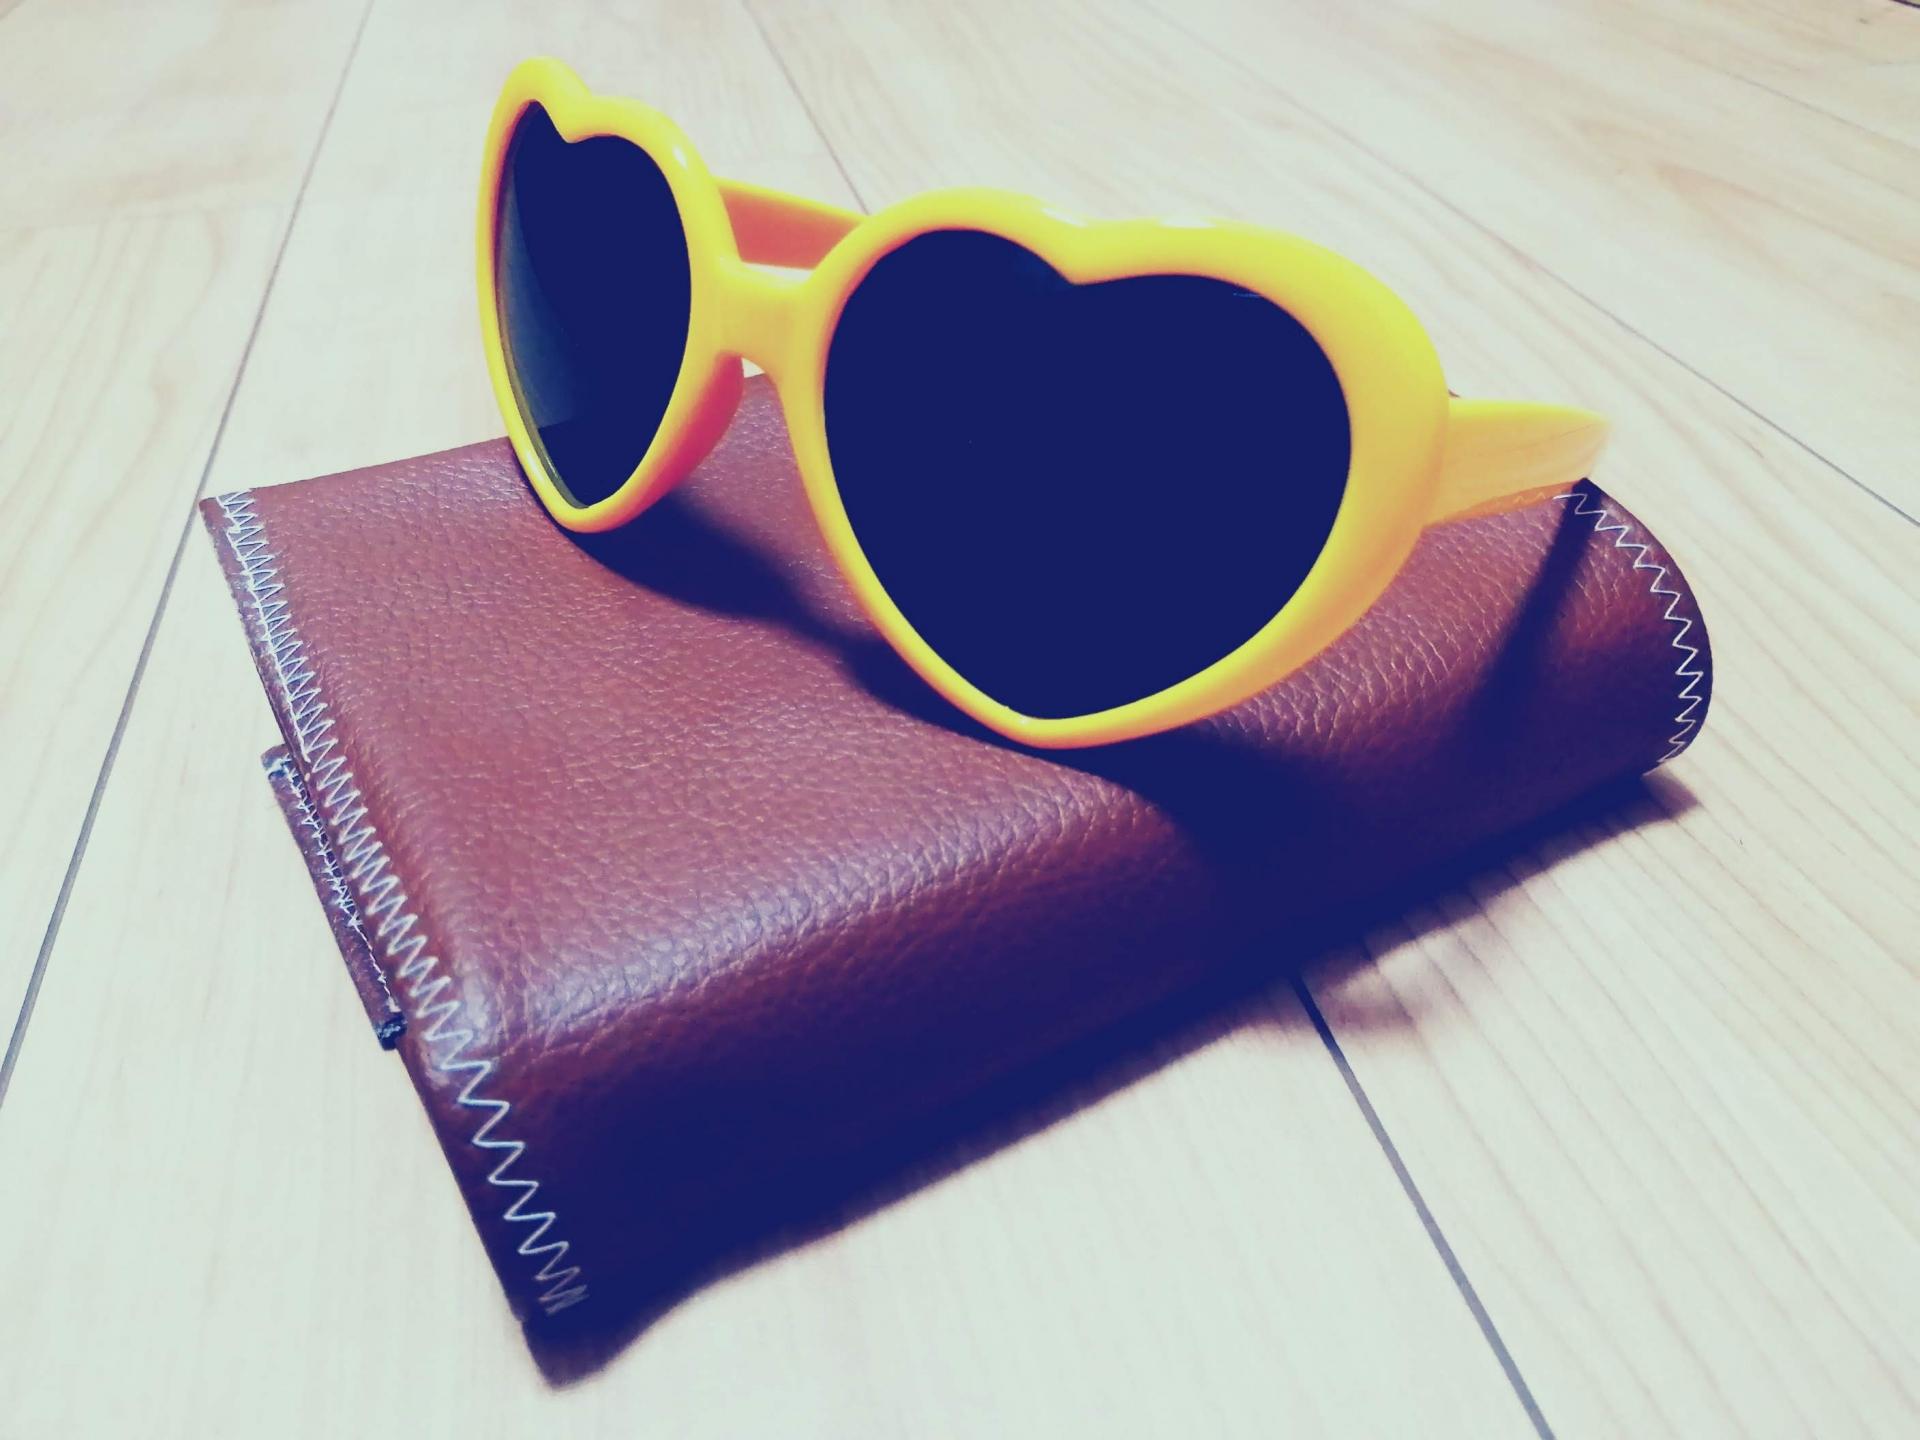 アウトドア用のウィメンズ財布の選び方!ポイント4つ&おすすめ財布を紹介!